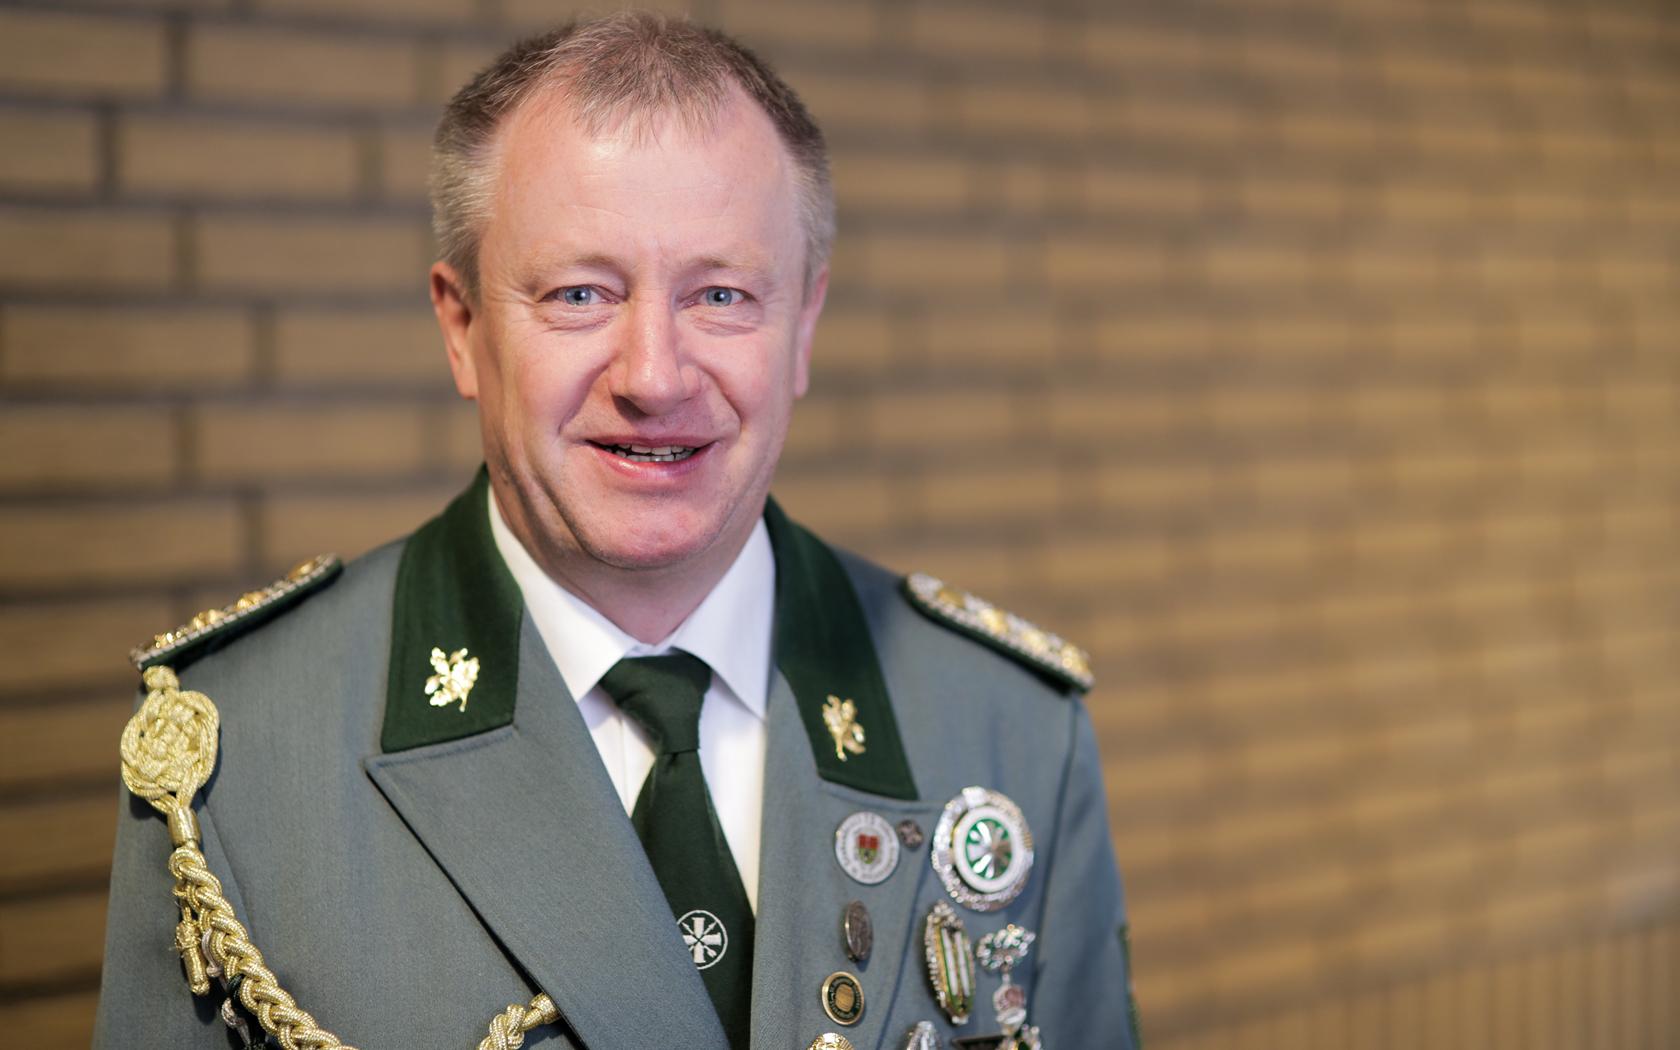 Helmut Bonensteffen